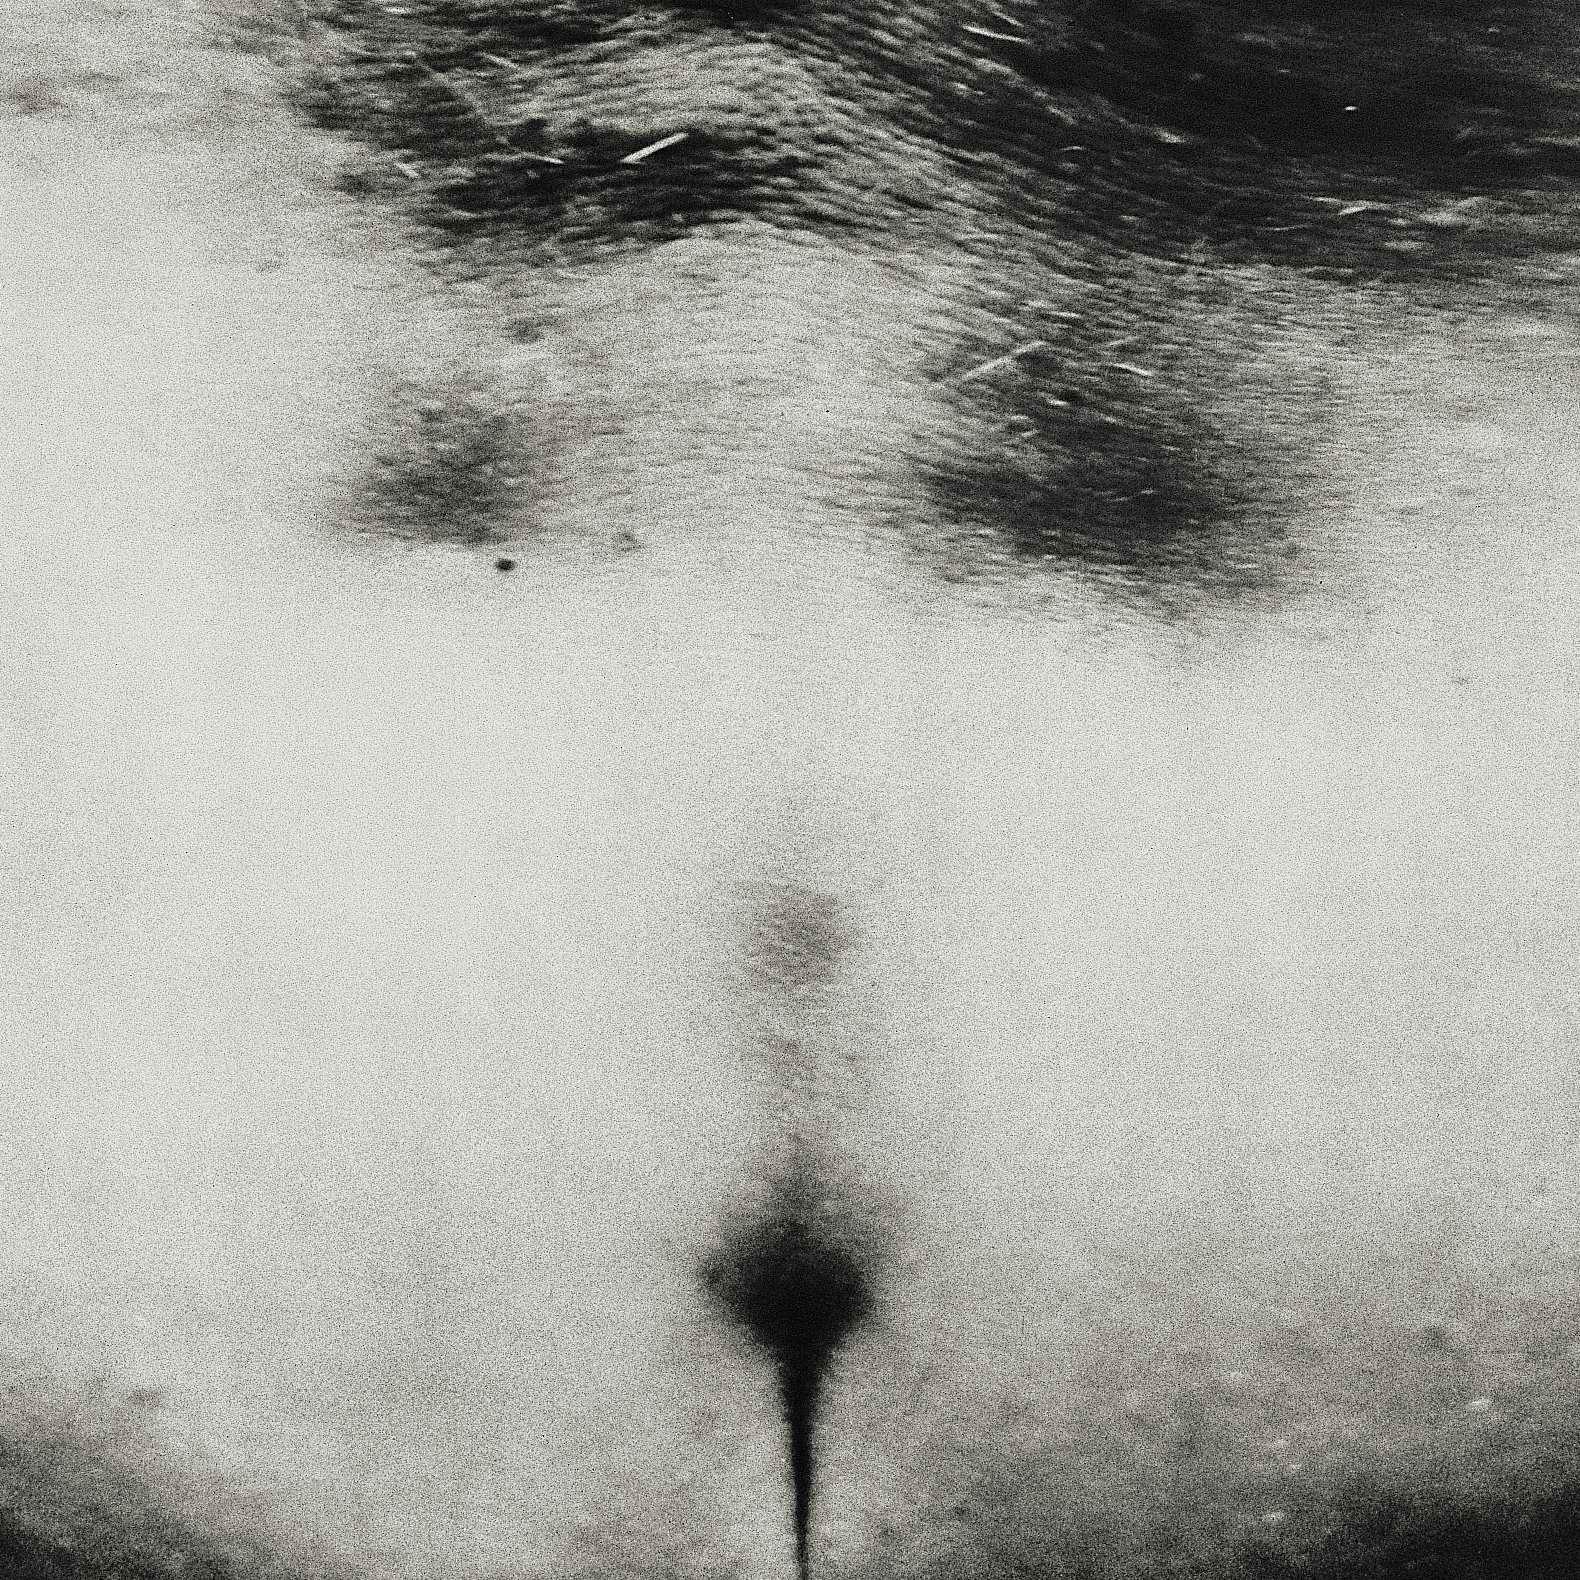 La otra cara (1995) - Juan Hidalgo Codorníu